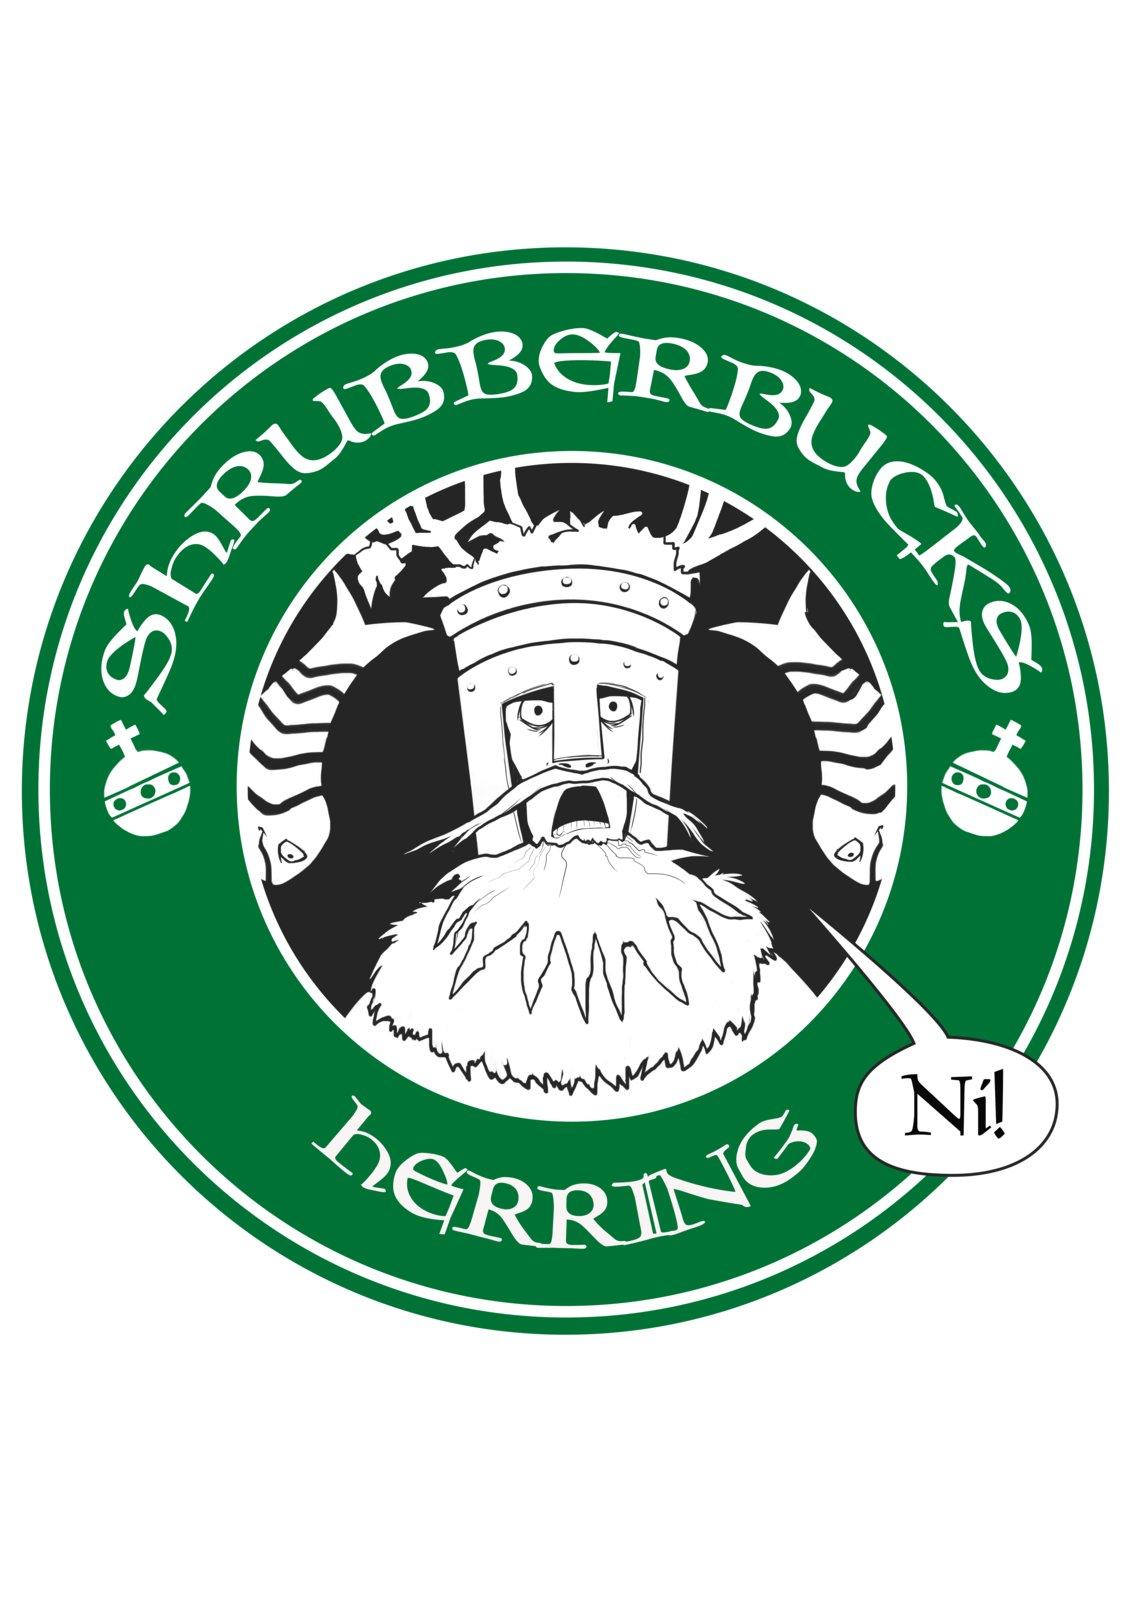 Shrubberbucks Herring